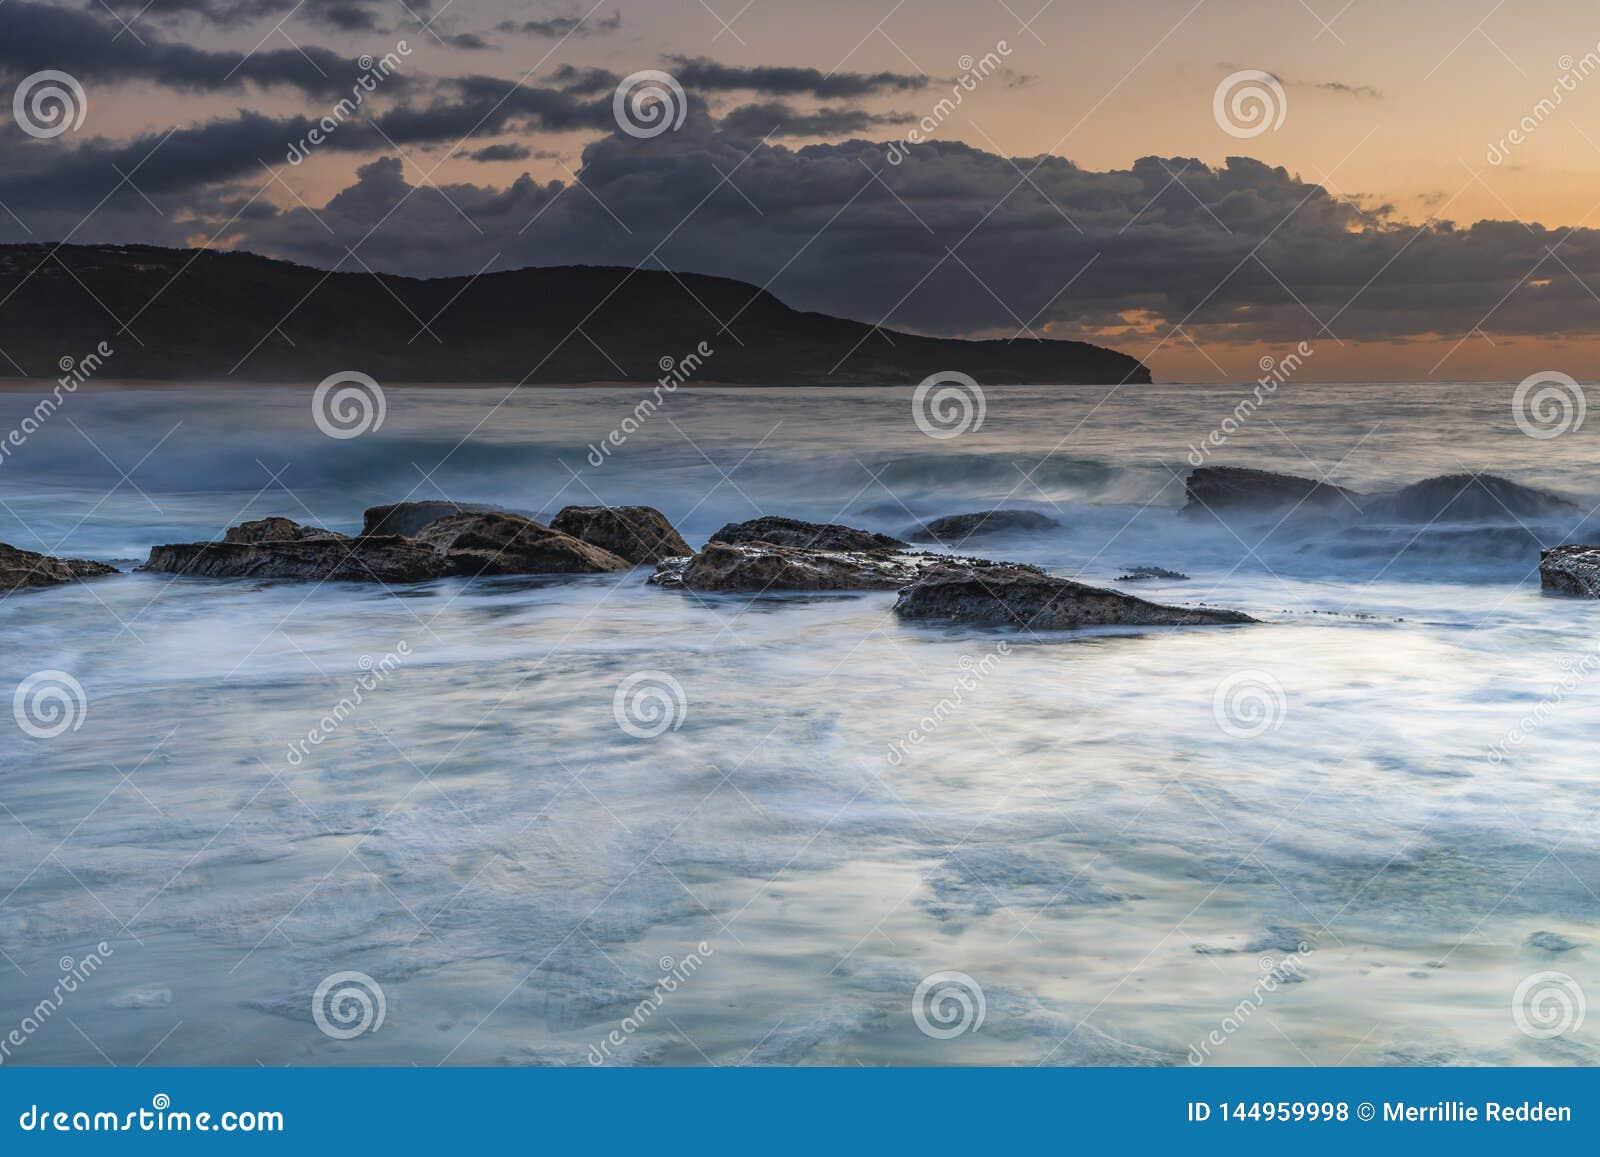 Θάλασσα, ακρωτήριο, σύννεφα και ανατολή